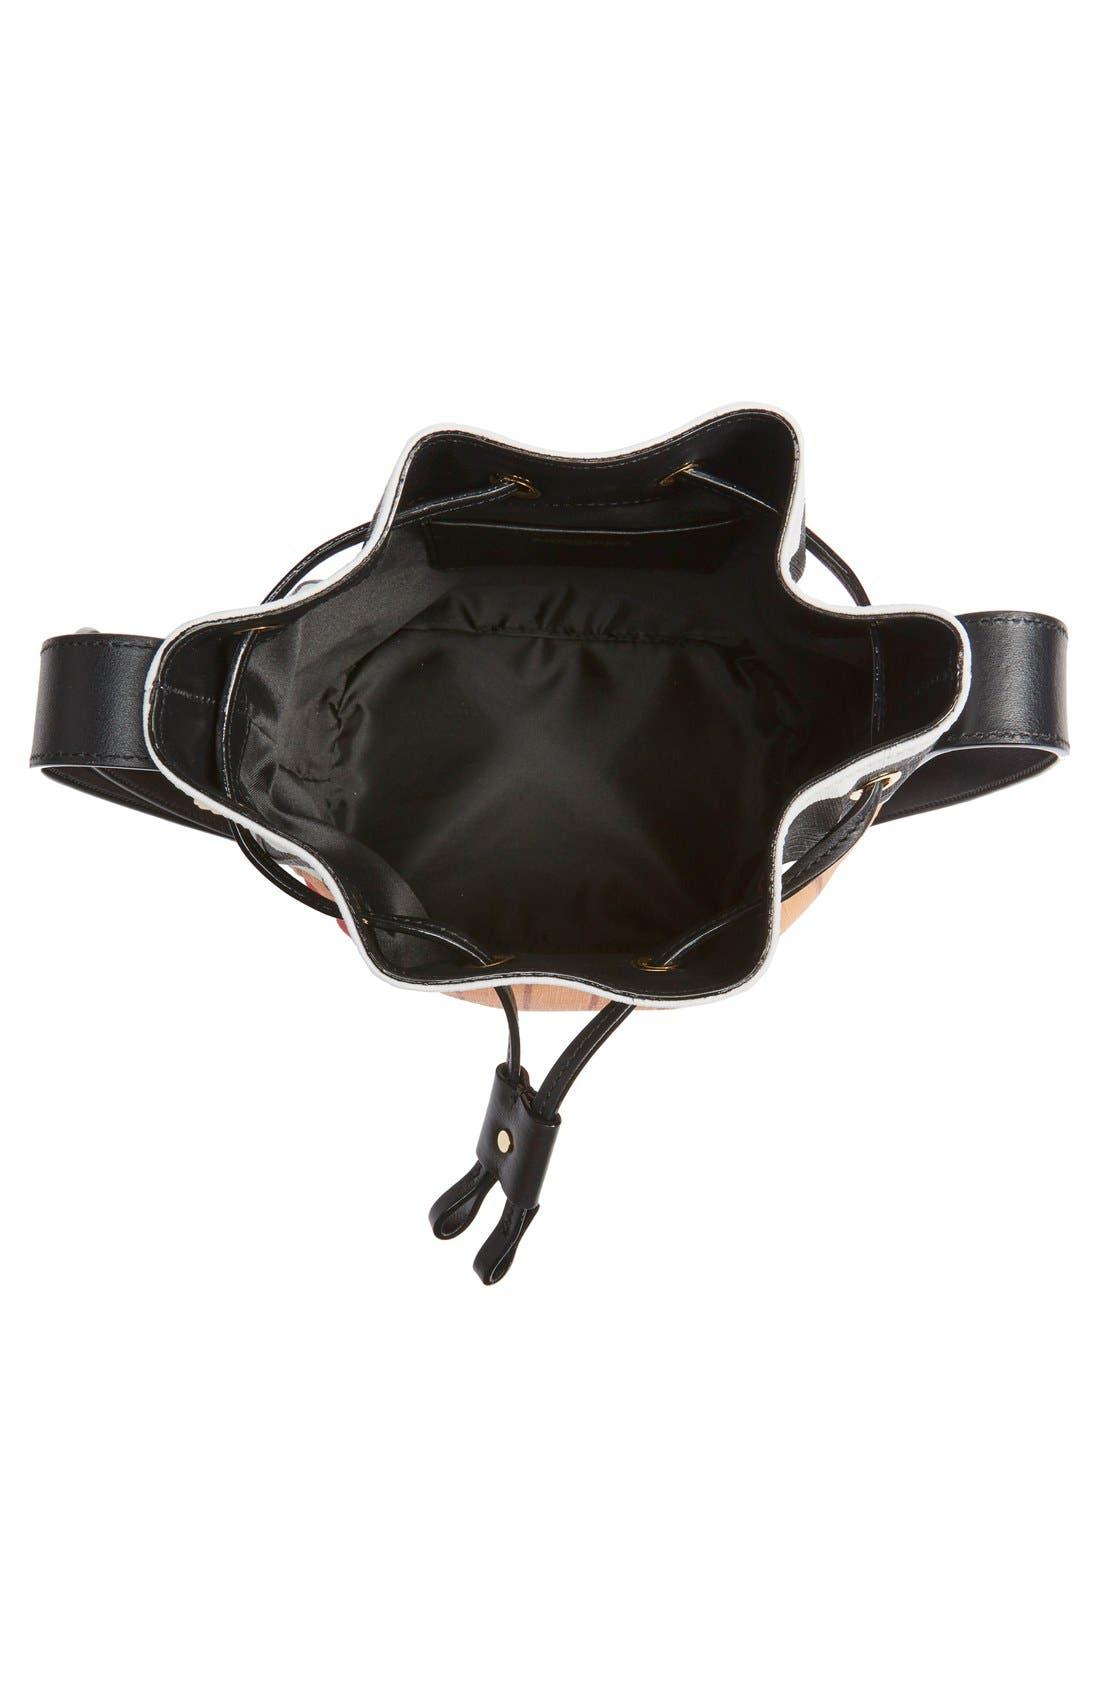 'It's Lit Matchbook' Bucket Bag,                             Alternate thumbnail 4, color,                             Multicolor